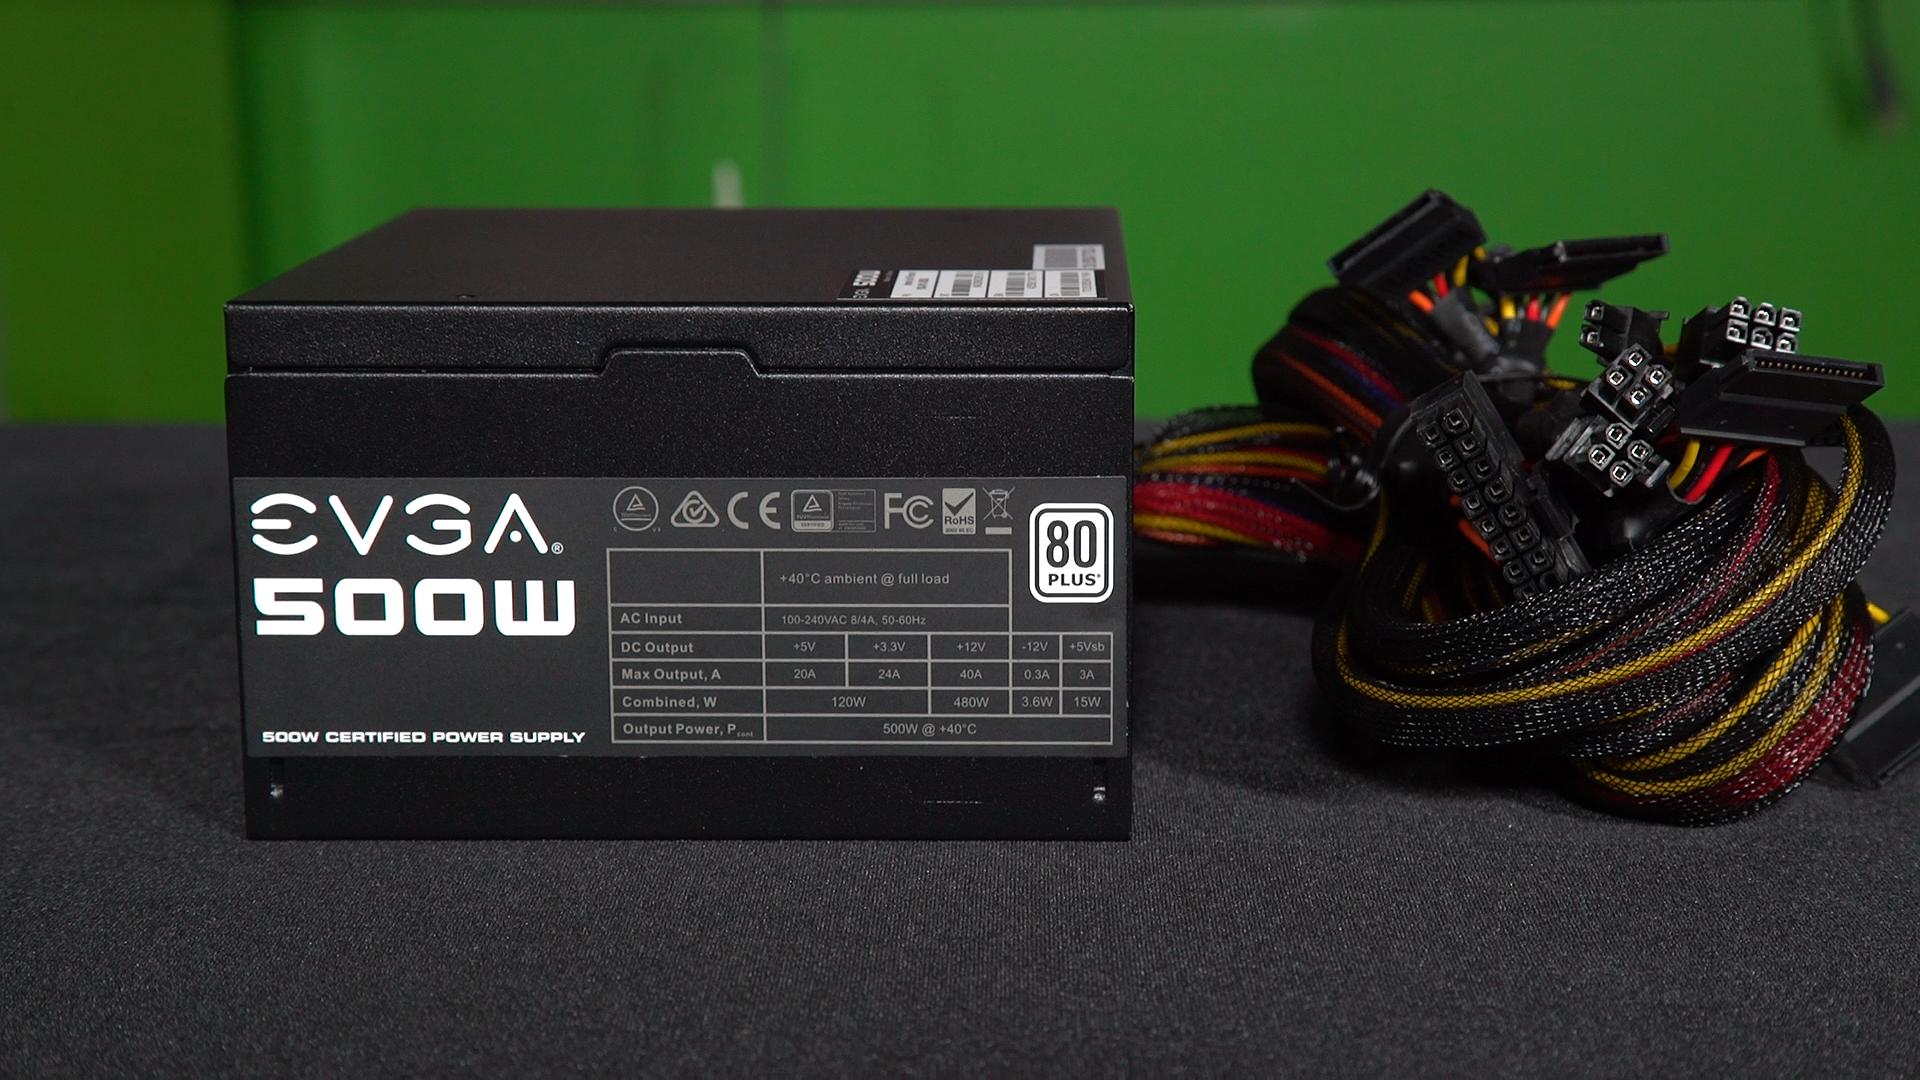 GeForce Garage: Building A Mid-Level GeForce GTX 1070 Gaming PC